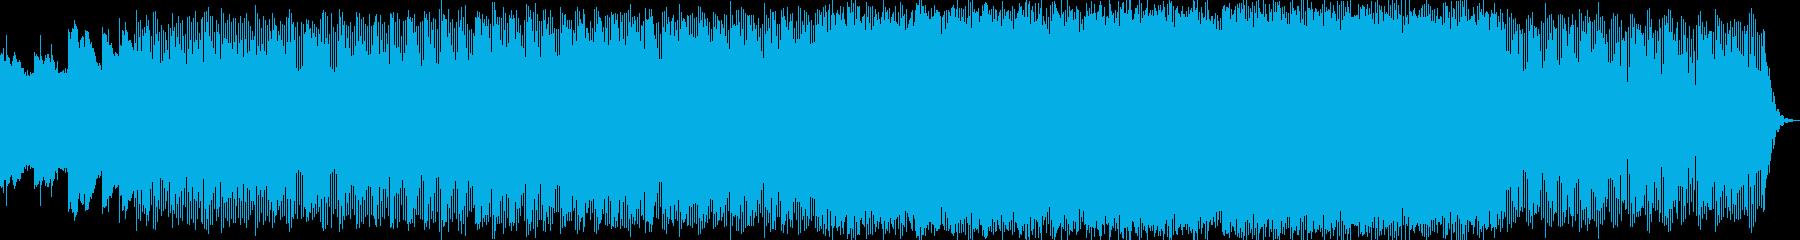 幻想的で優しいエレクトロニカハウスの再生済みの波形